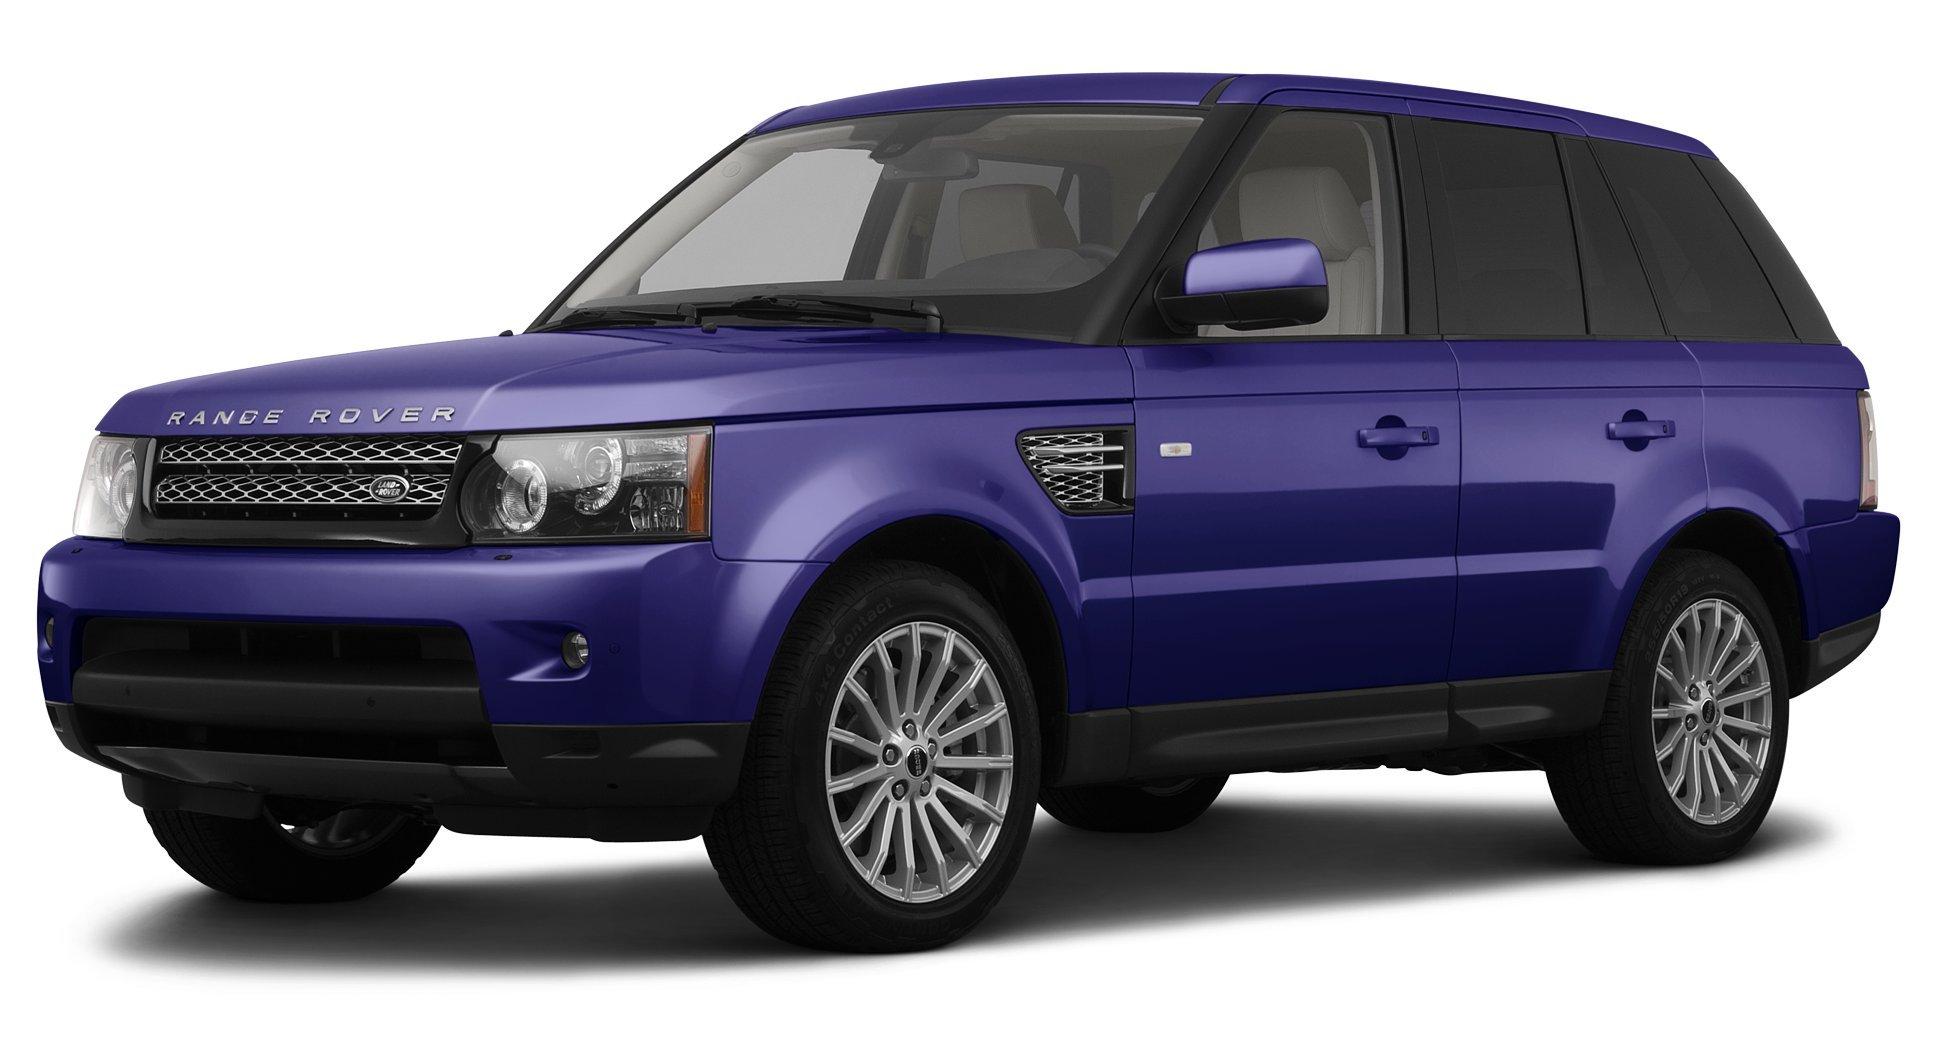 ... 2012 Land Rover Range Rover Sport SC, 4-Wheel Drive 4-Door ...